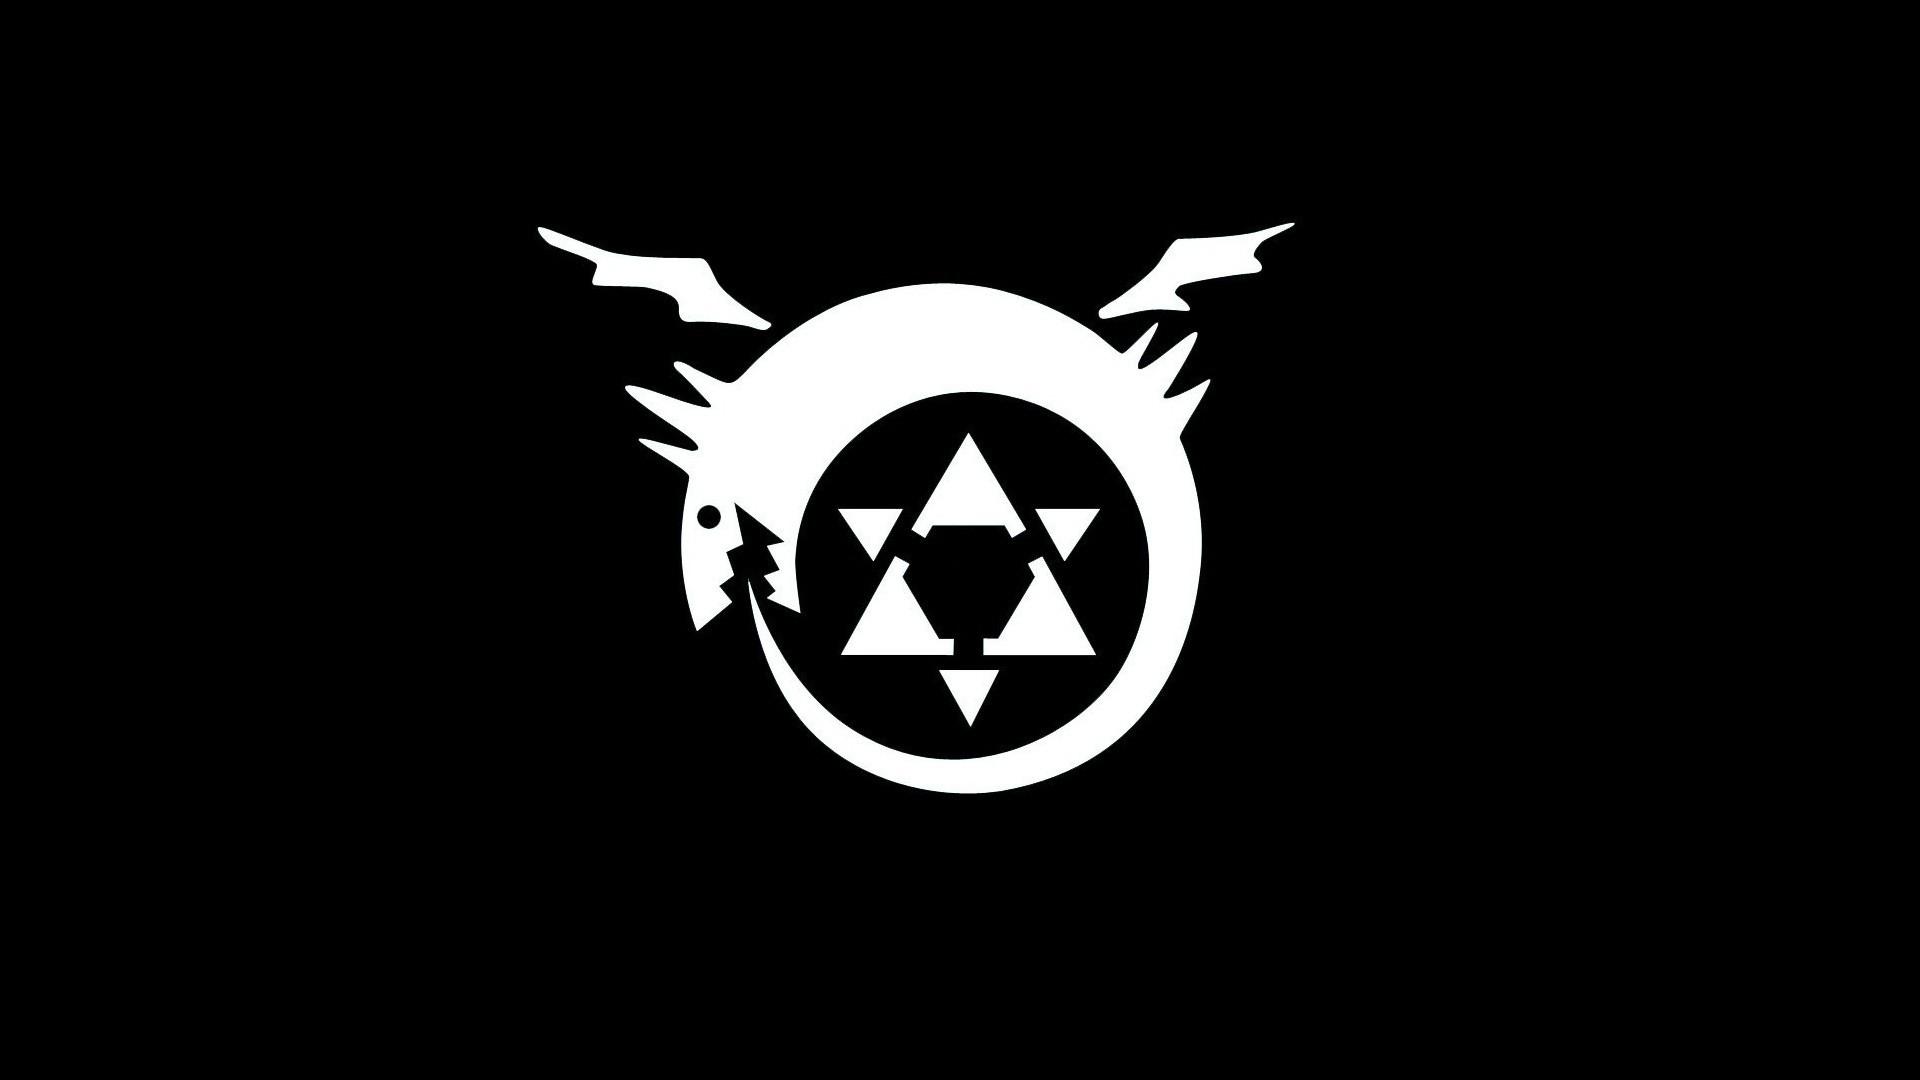 Wallpaper Illustration Logo Full Metal Alchemist Brand Lust